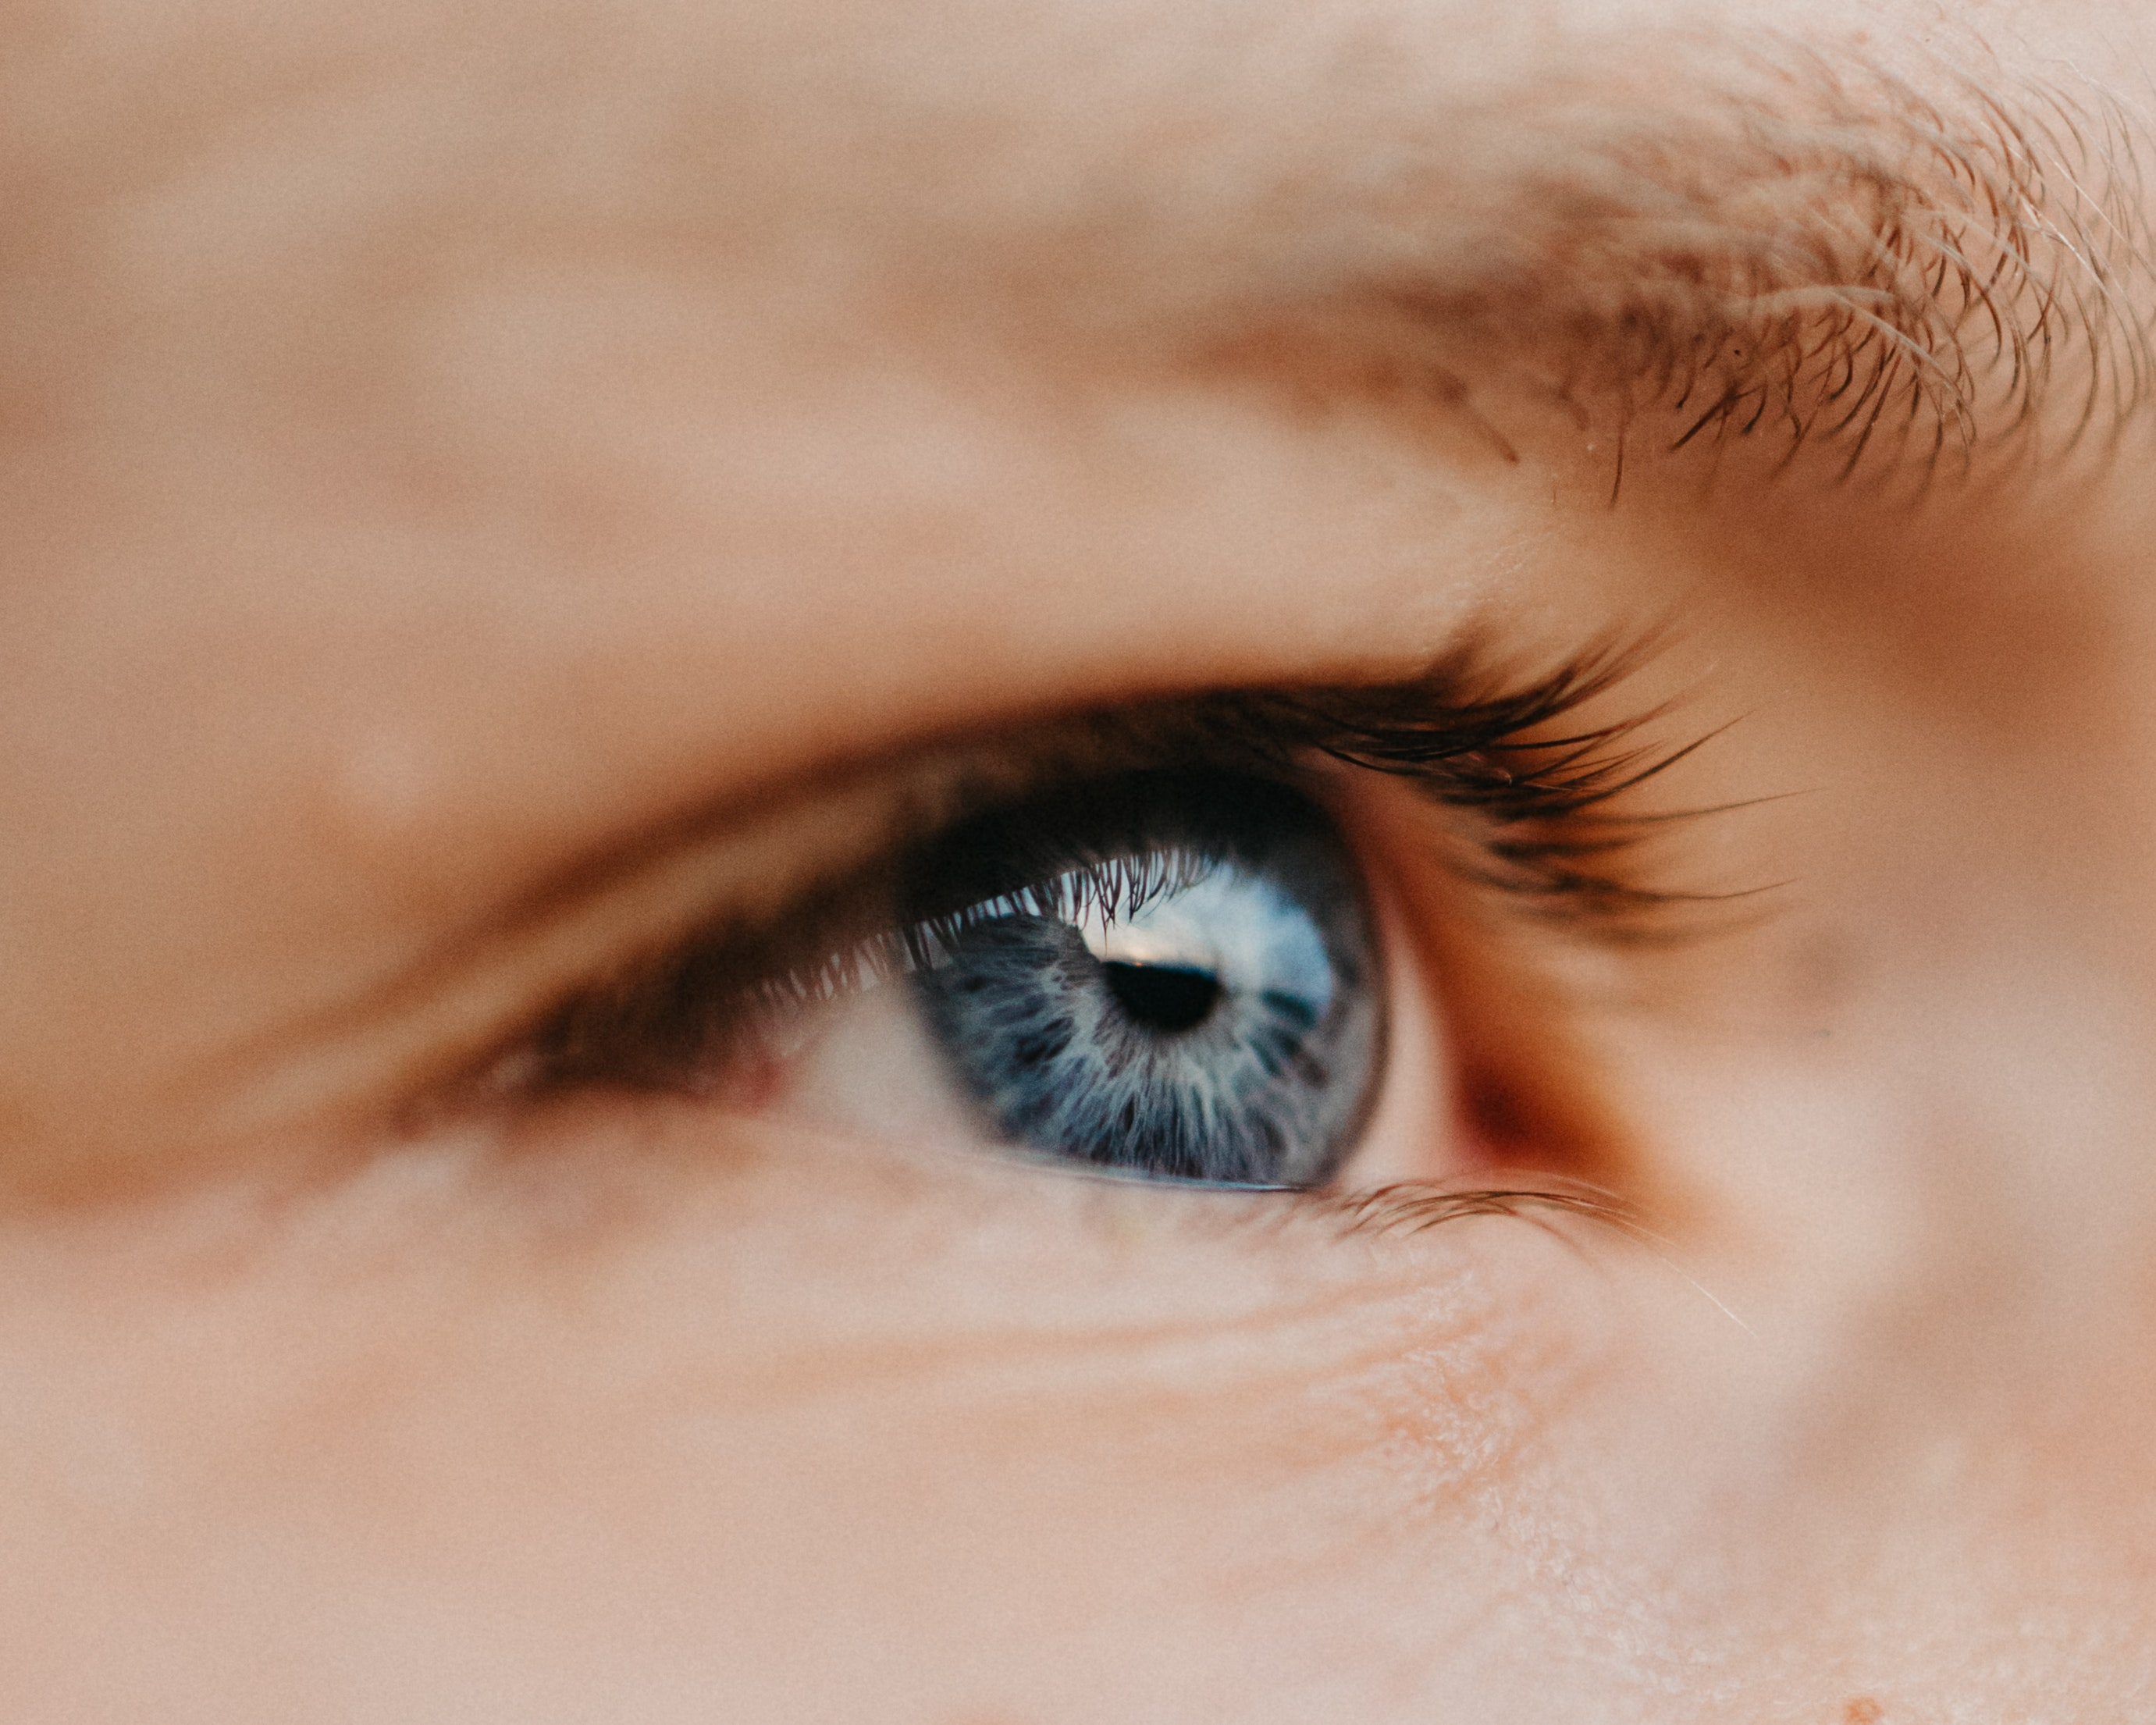 szem egészség, étrend antioxidánsok, vitaminuk, lutein